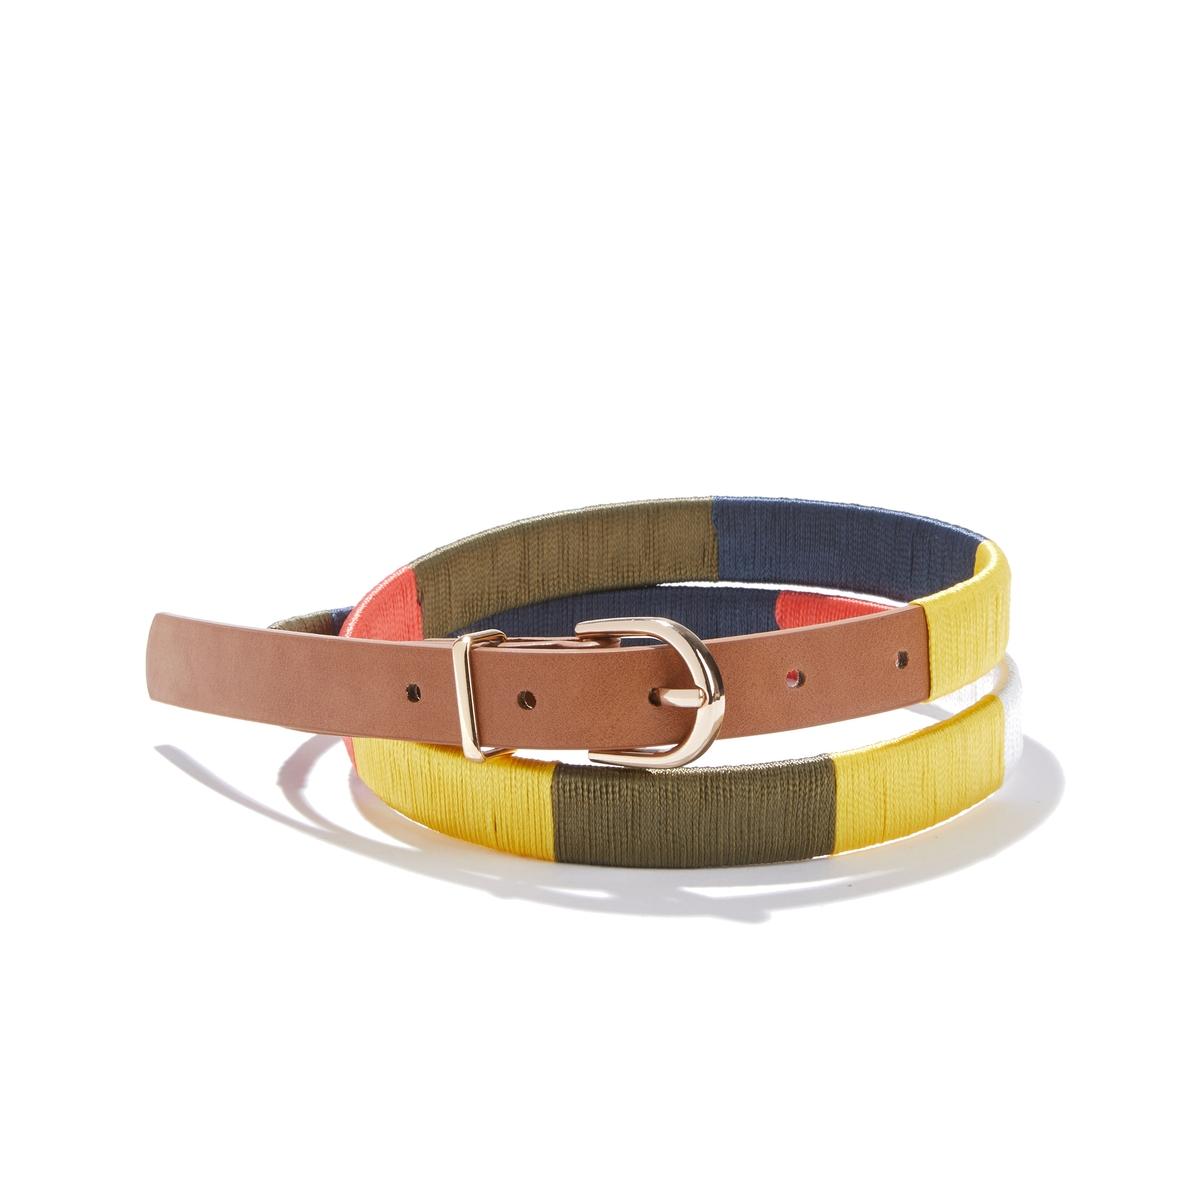 Cinturón fino multicolor